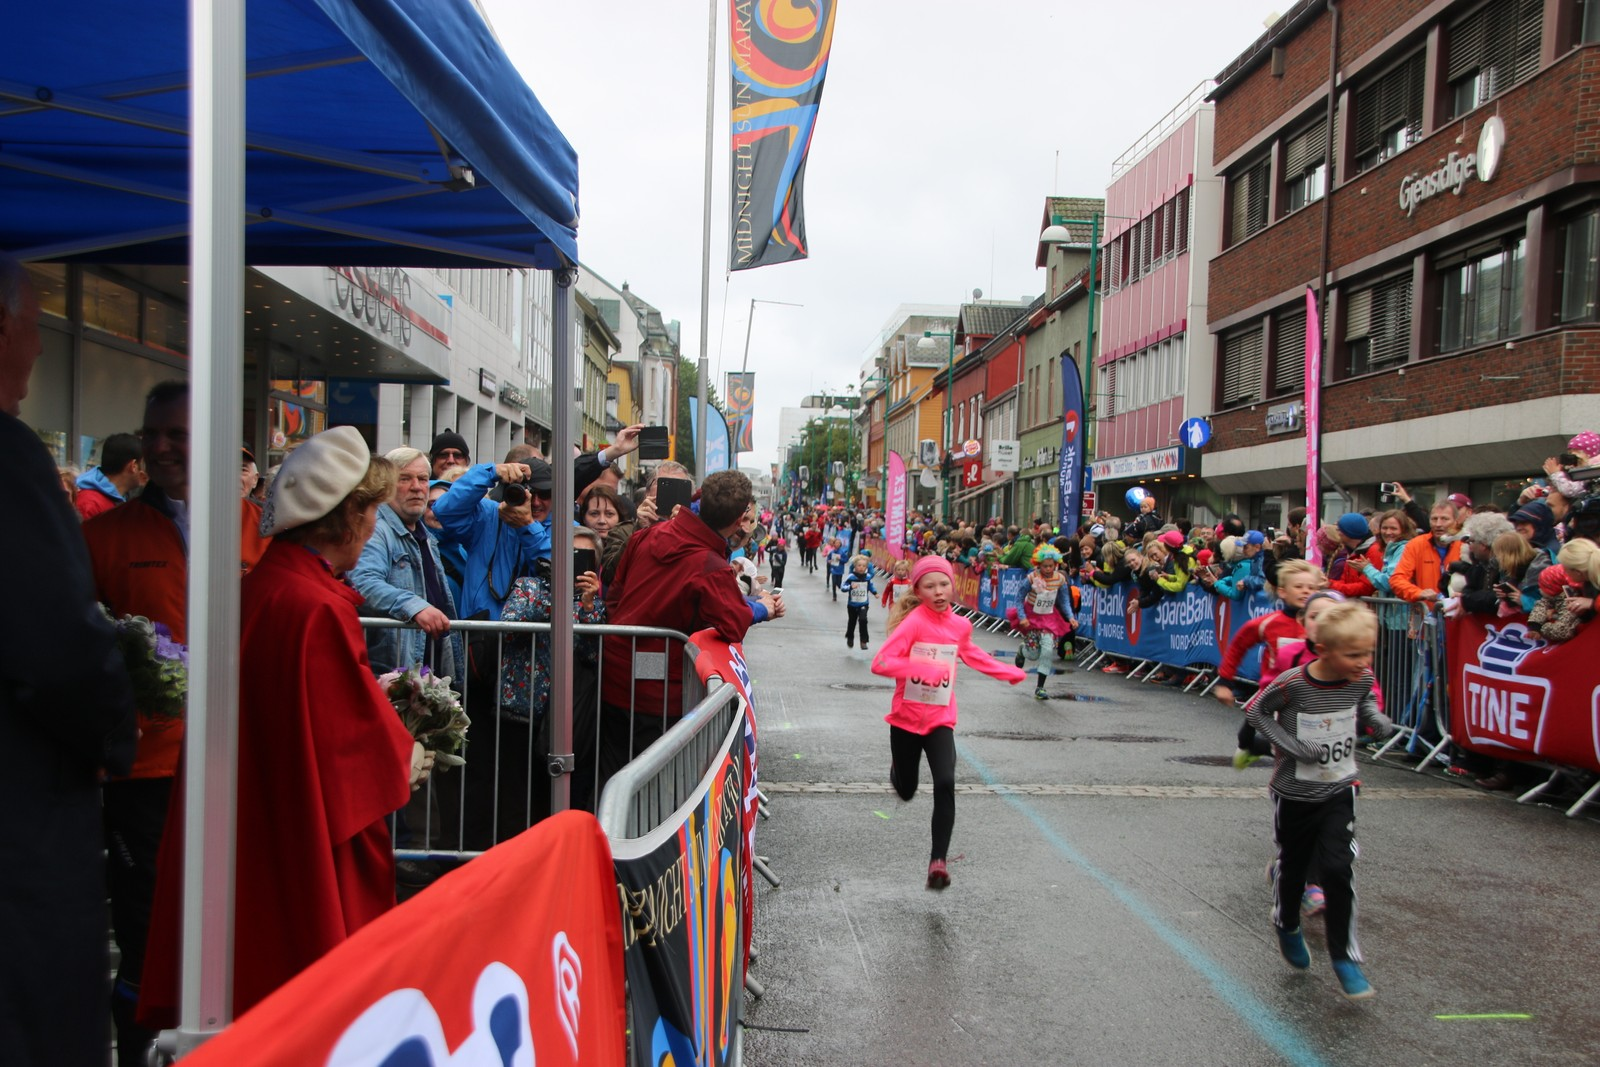 Kong Harald og Dronning Sonja tilstede under barneløpet i Midnight Sun Marathon i Tromsø lørdag, første stopp på jubileumsreisen som er en markering av kongeparets 25-årsjubileum. Foto: Ida Louise Rostad / NRK